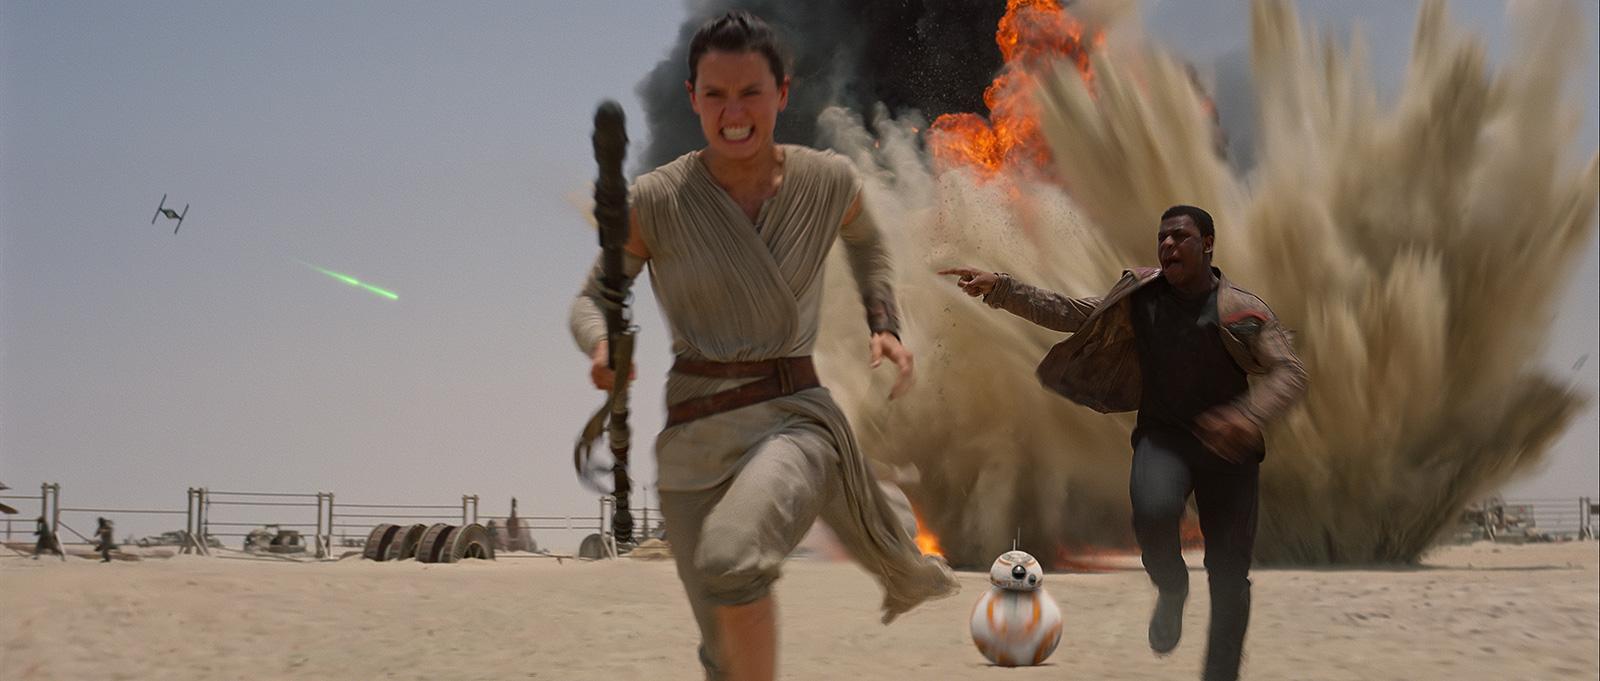 Star Wars: The Force Awakens <br> Official Teaser Nº2